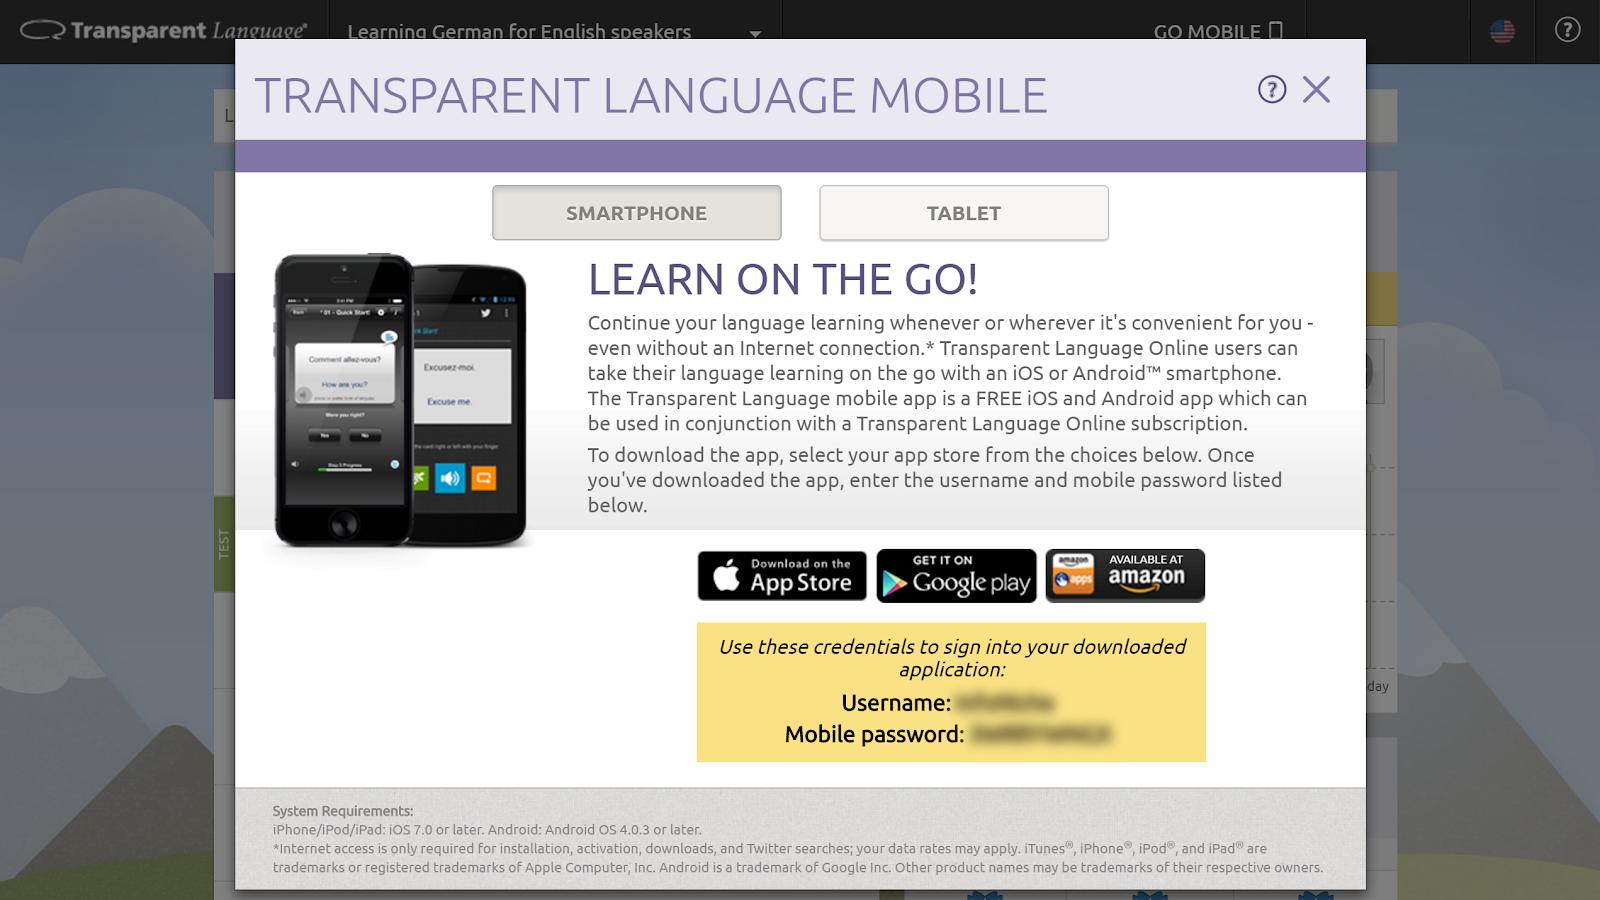 00-MobileSmartphone.png